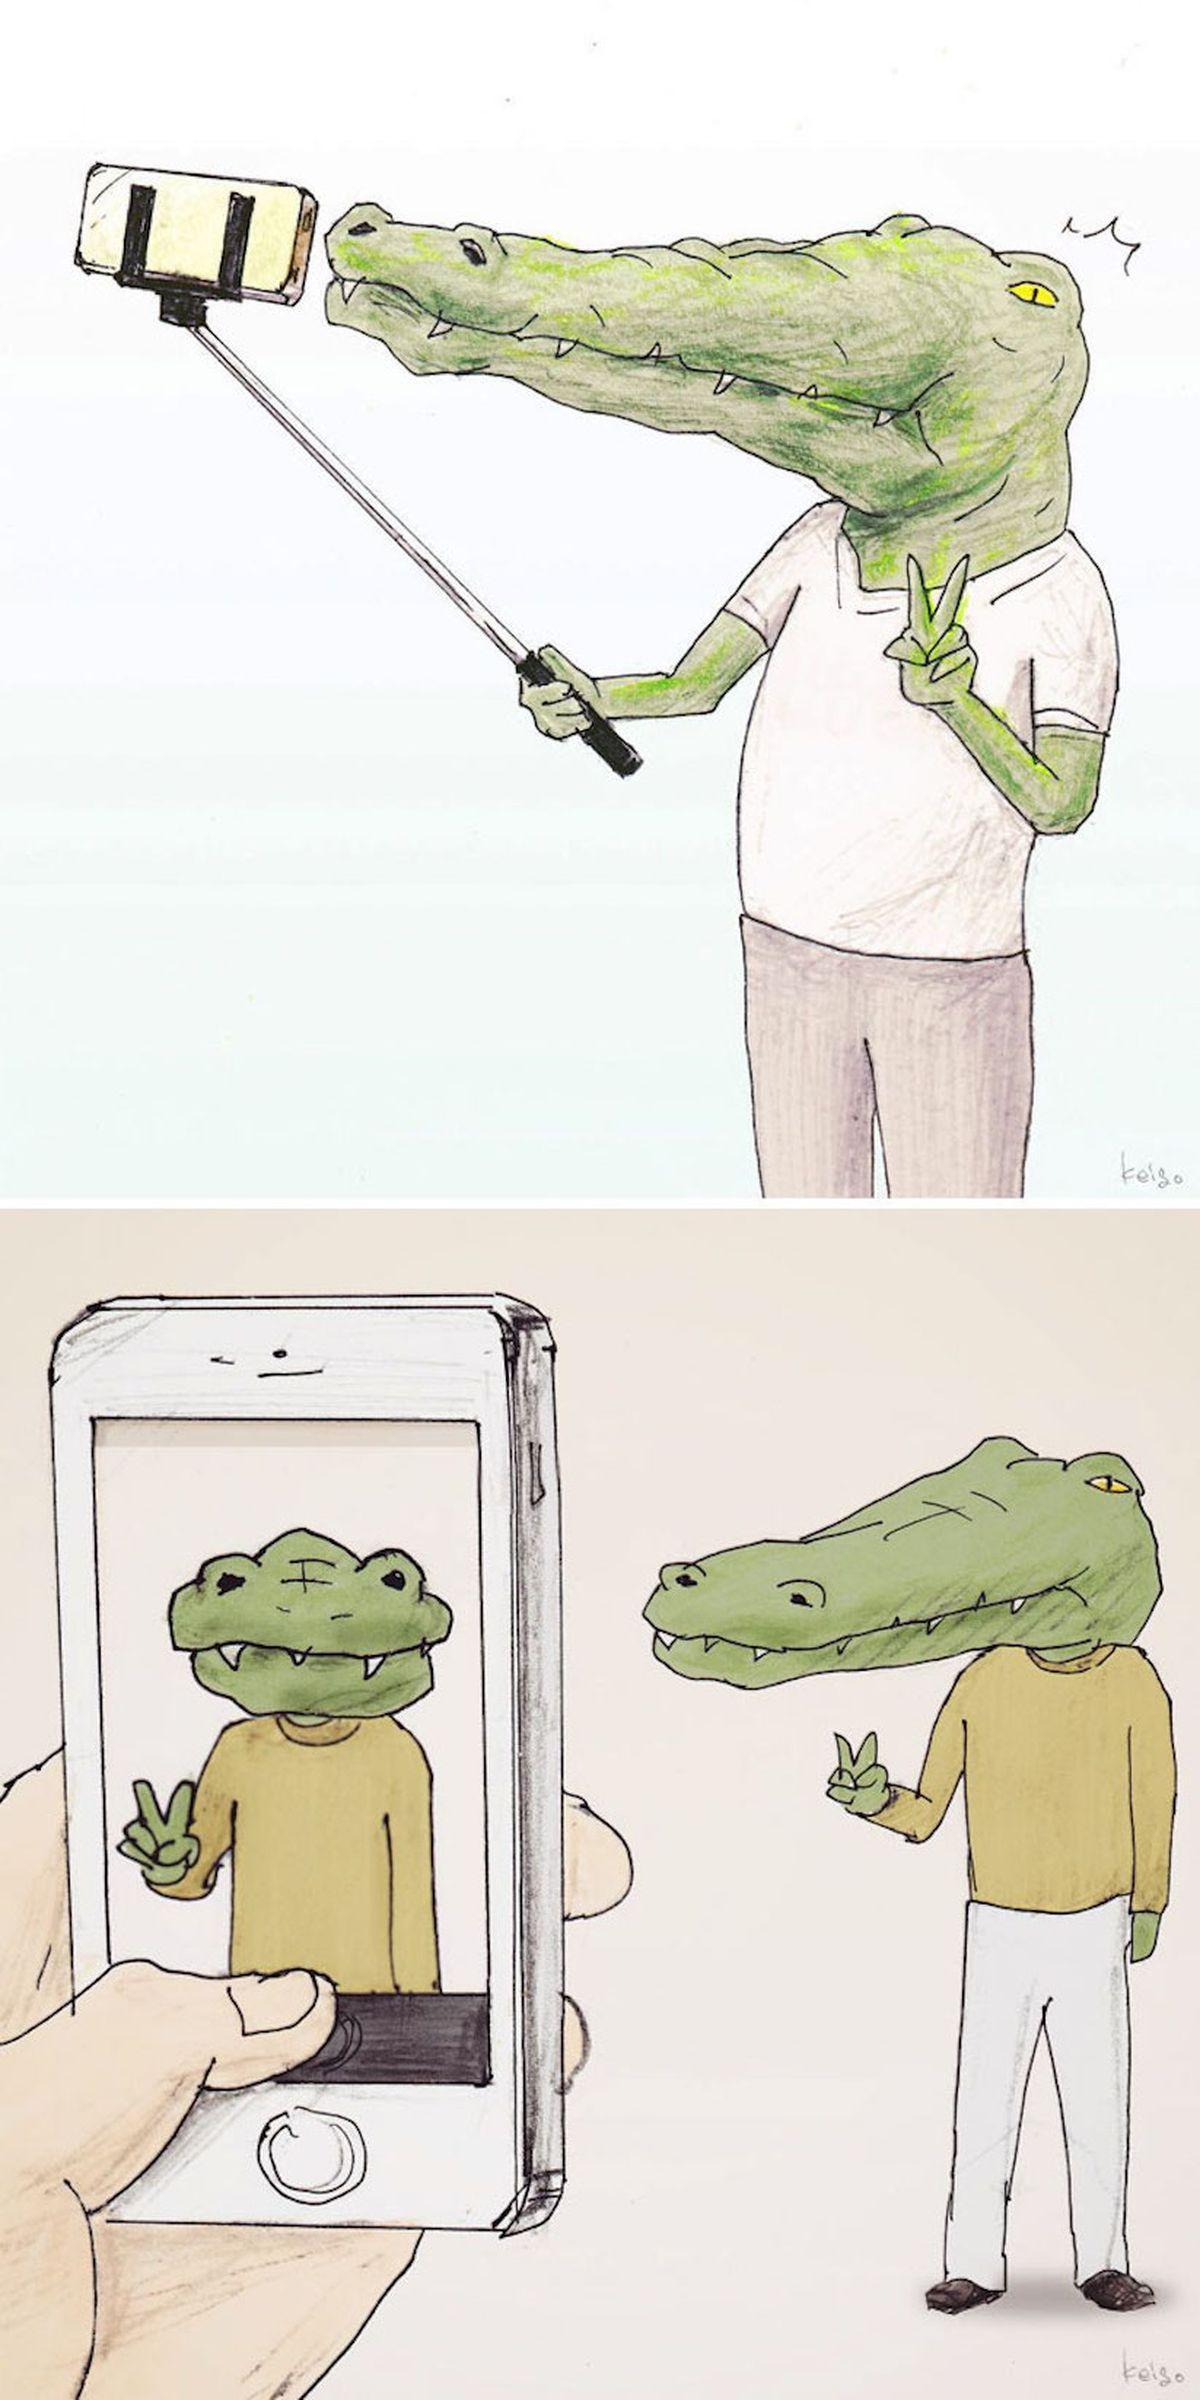 Die Probleme, die man als Krokodil so hat - illustriert von Keigo | Design/Kunst | Was is hier eigentlich los?